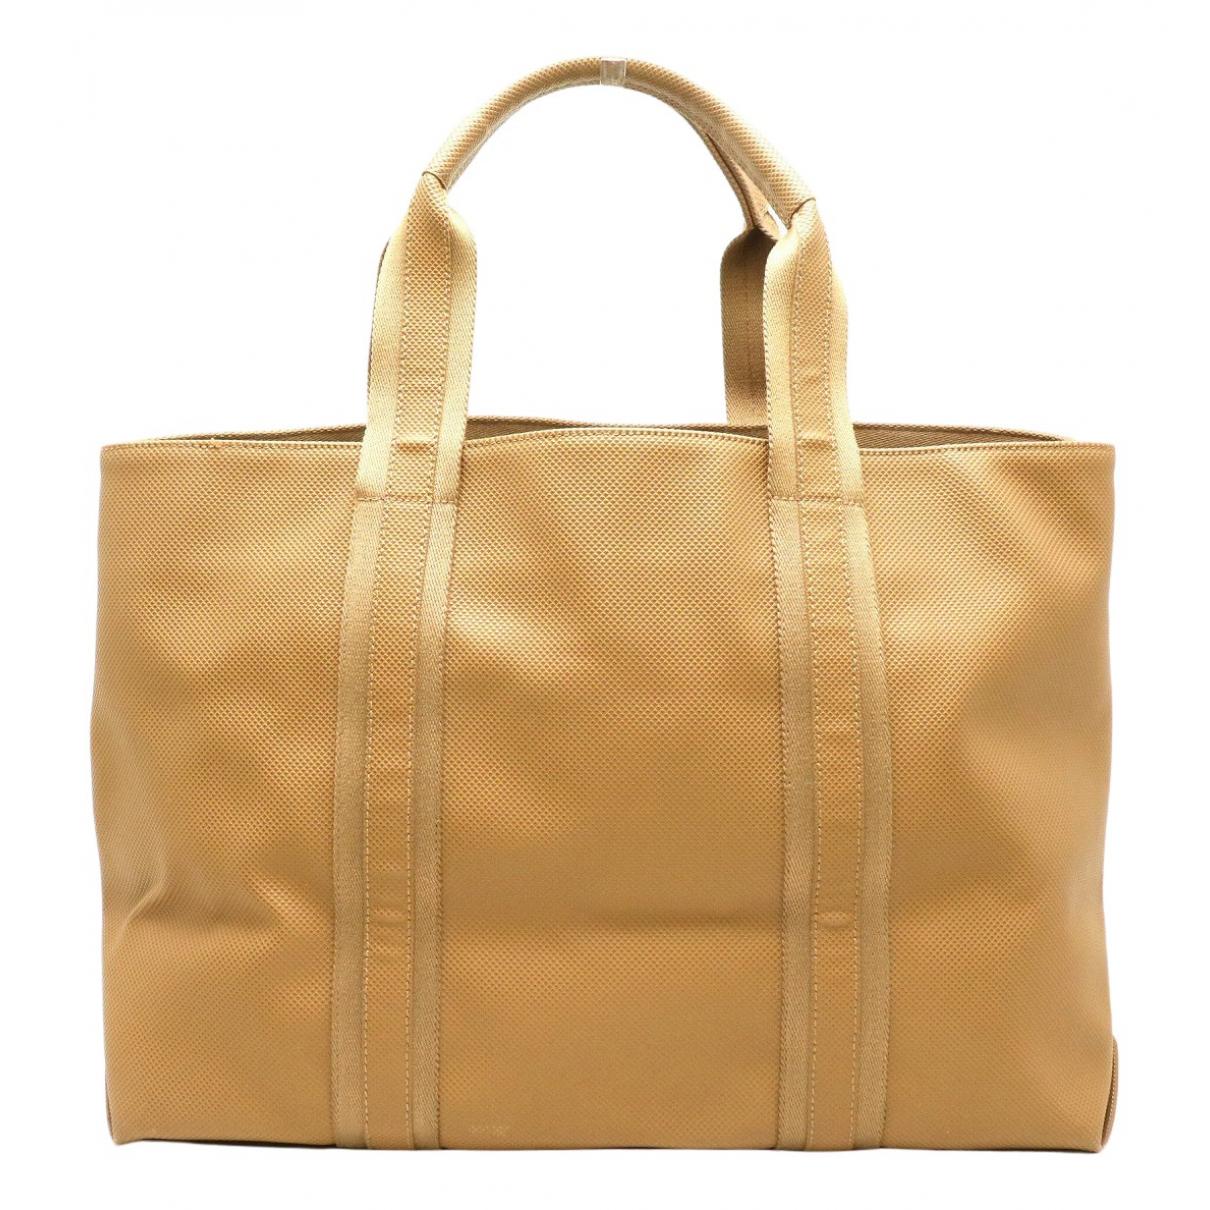 Bottega Veneta \N Beige handbag for Women \N